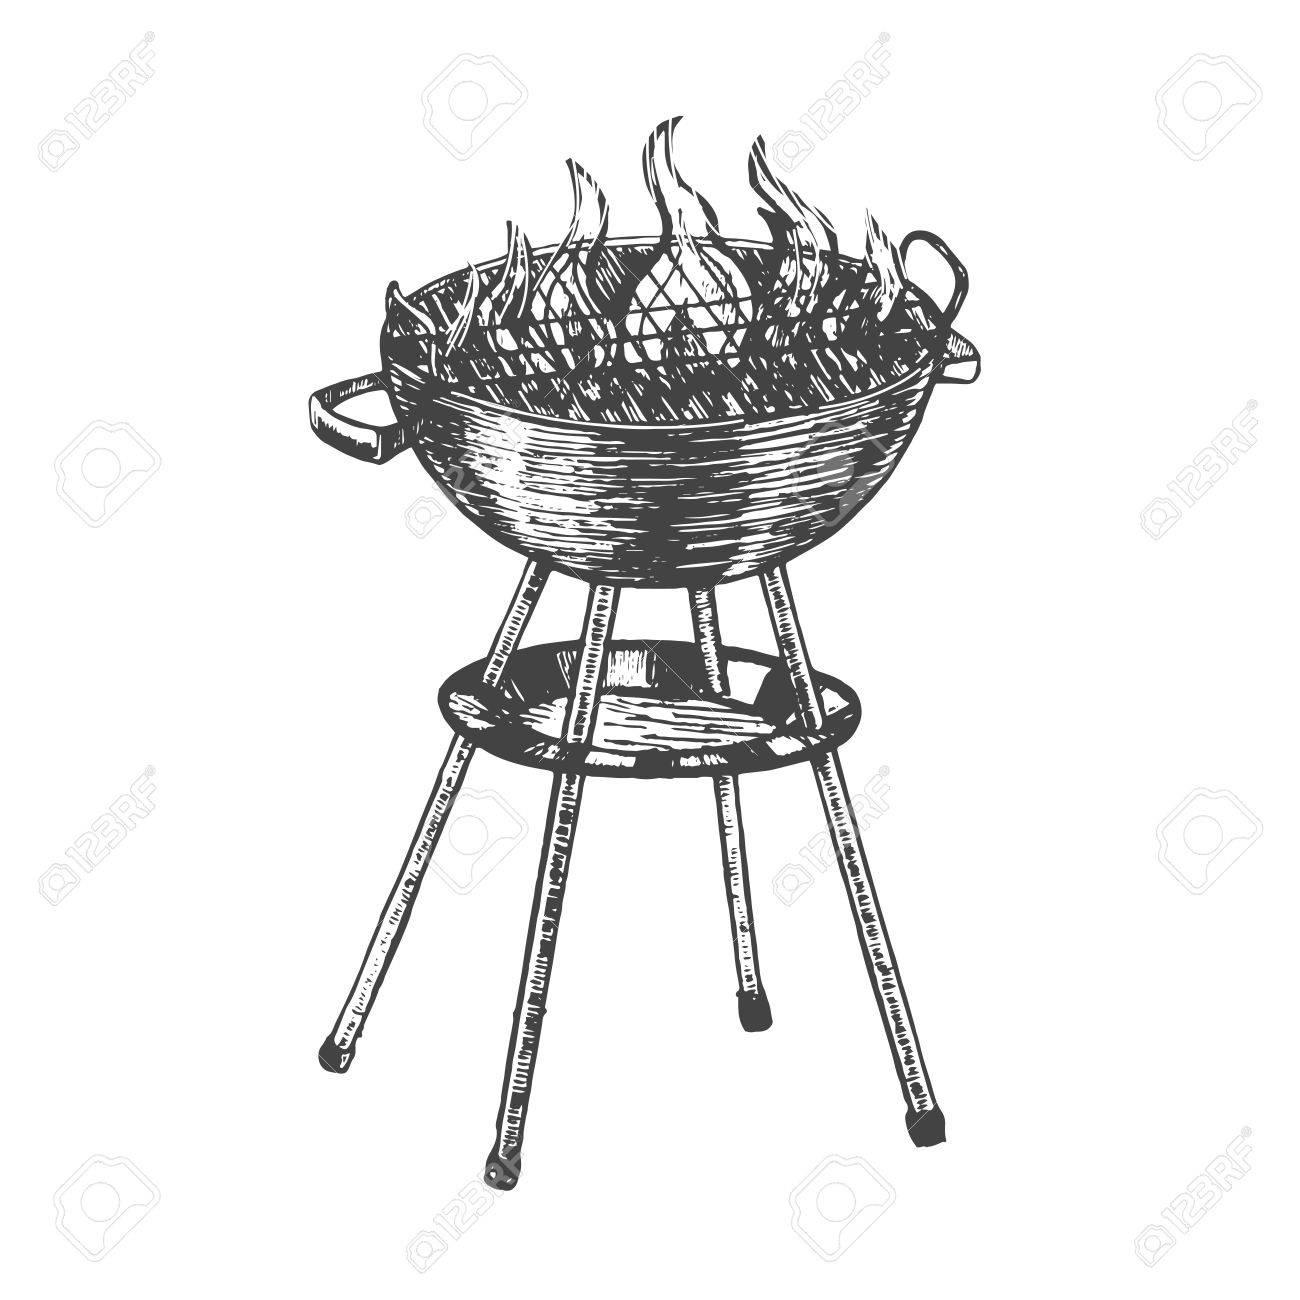 Dessin Barbecue dessin à la main au barbecue. grill au charbon de bois. cuisine d